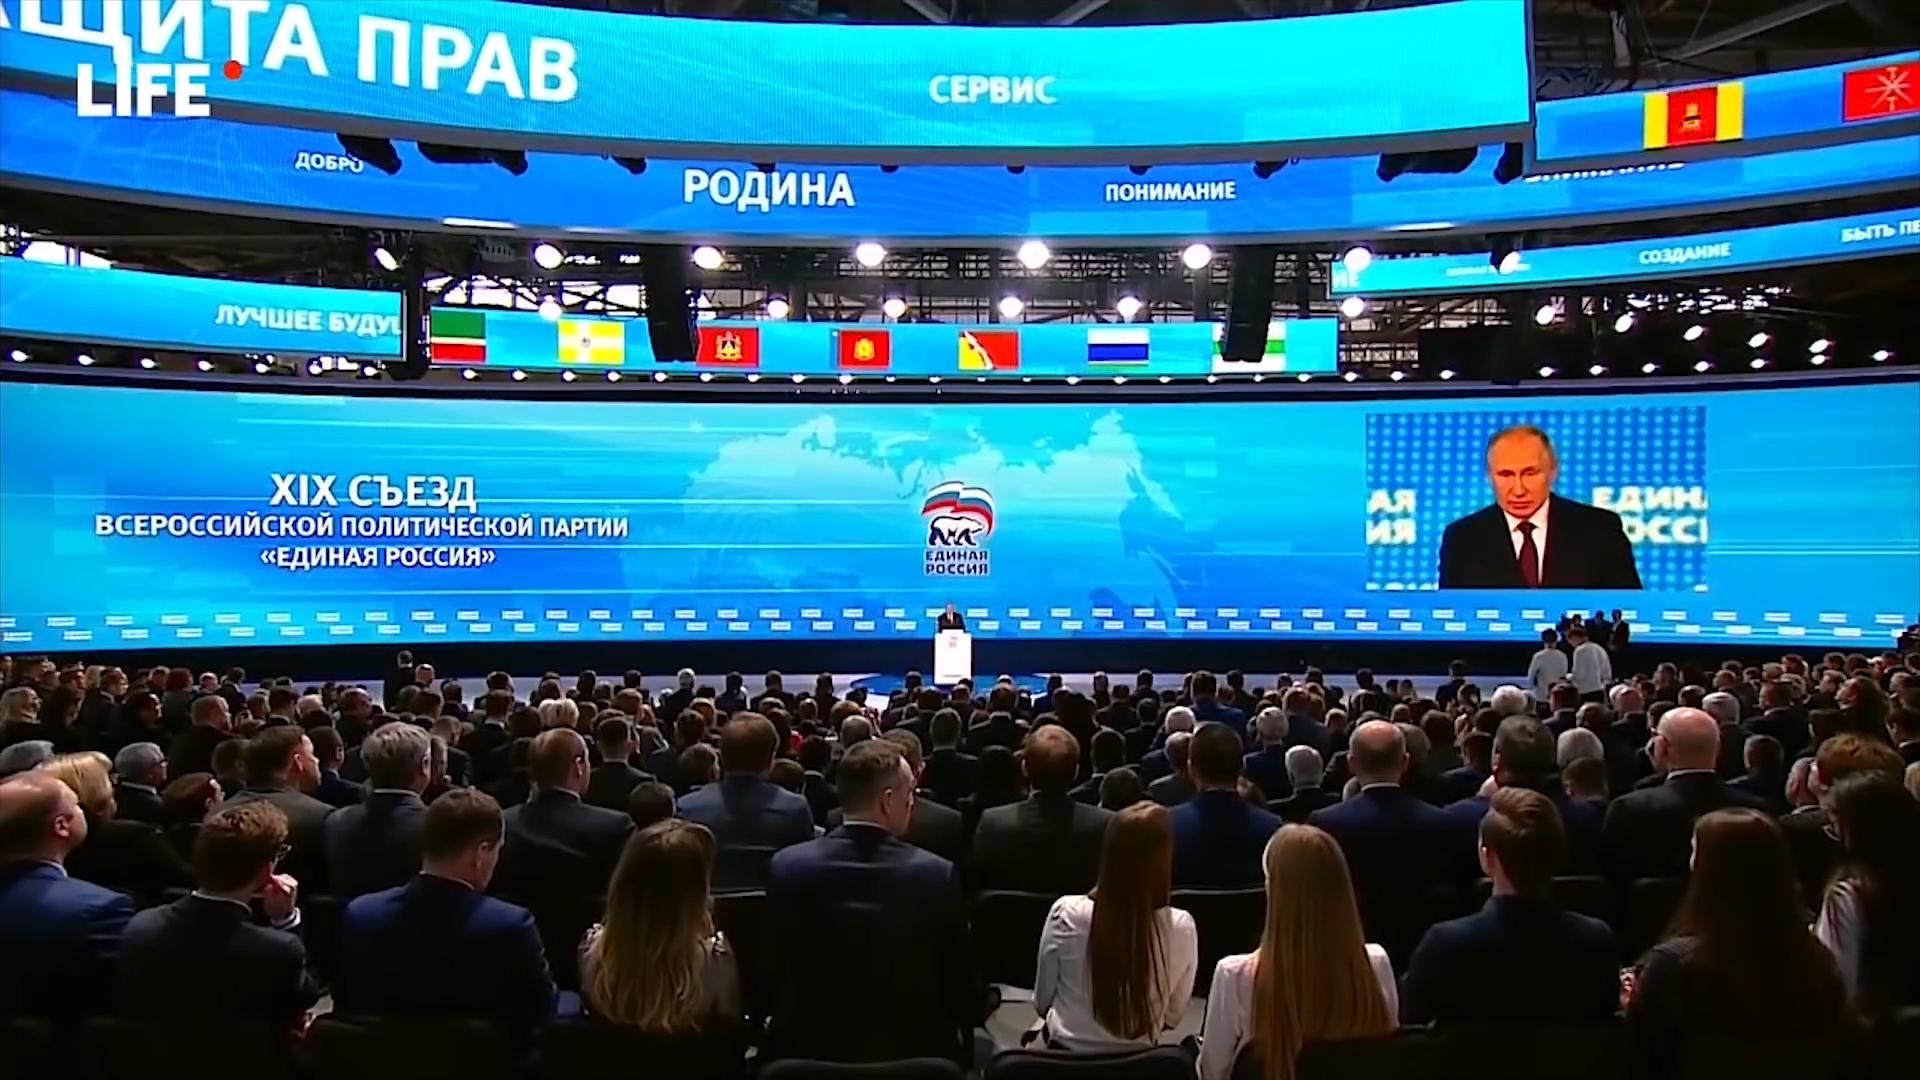 01-Популисты, патриоты и предатели. Все о съезде «Единой России»